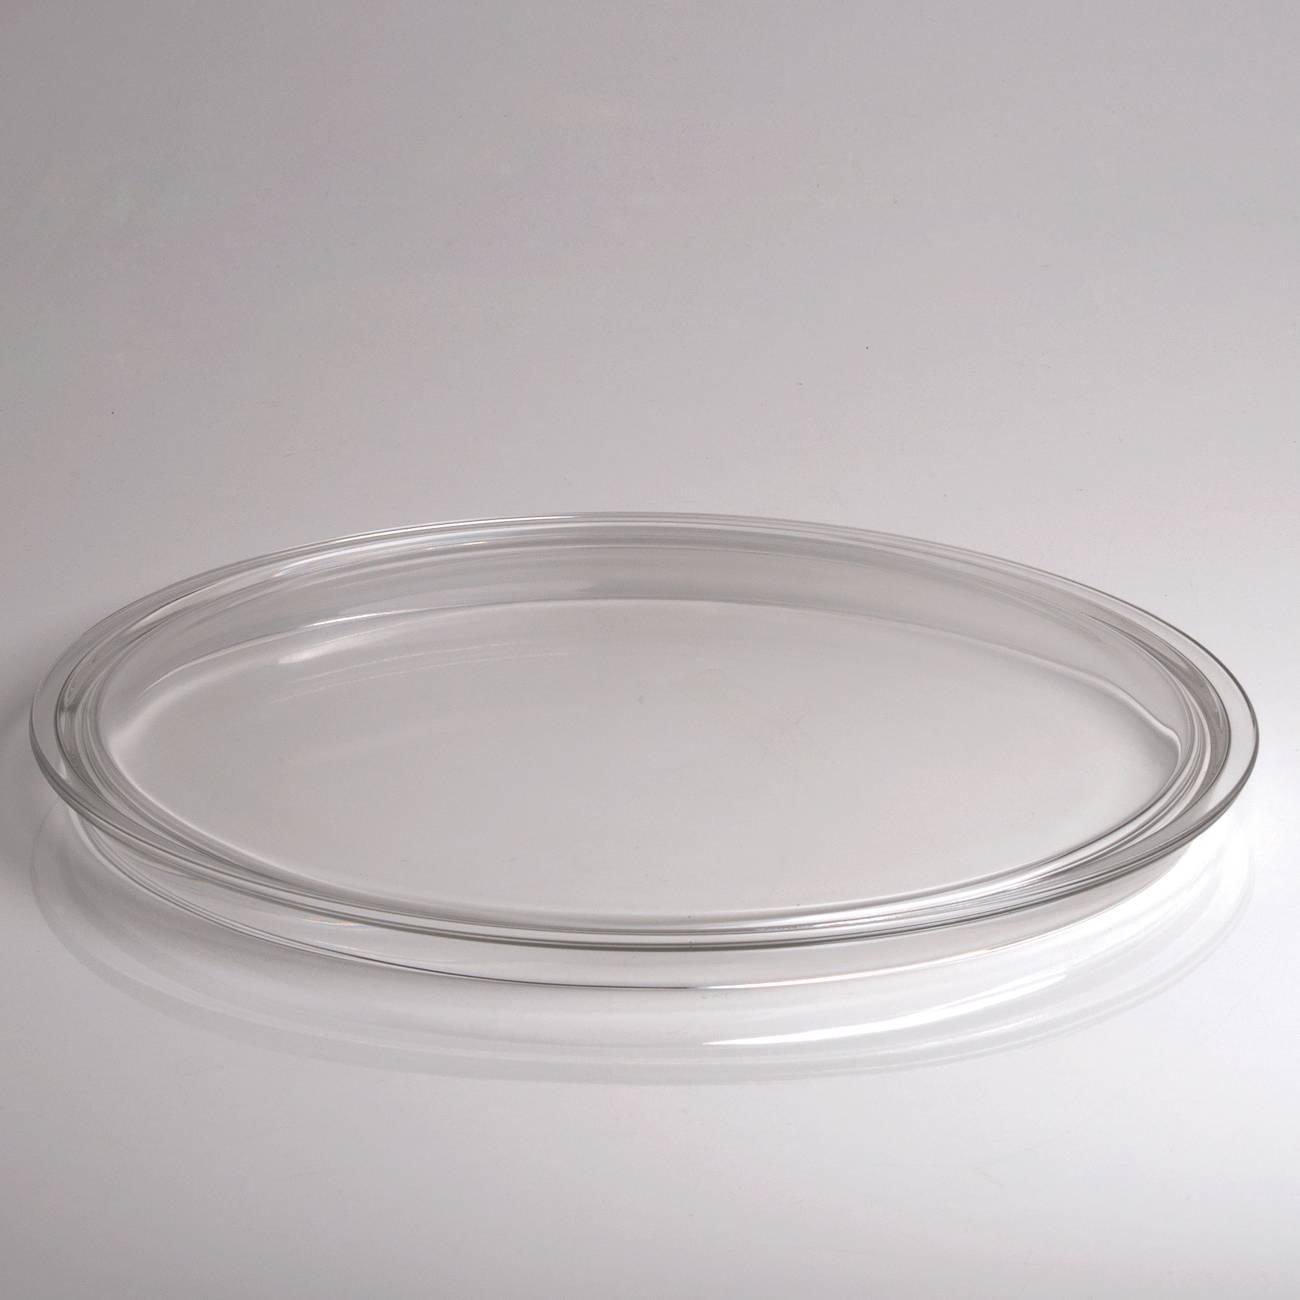 Prato para Bolo Rialto em Vidro - 32x2 cm